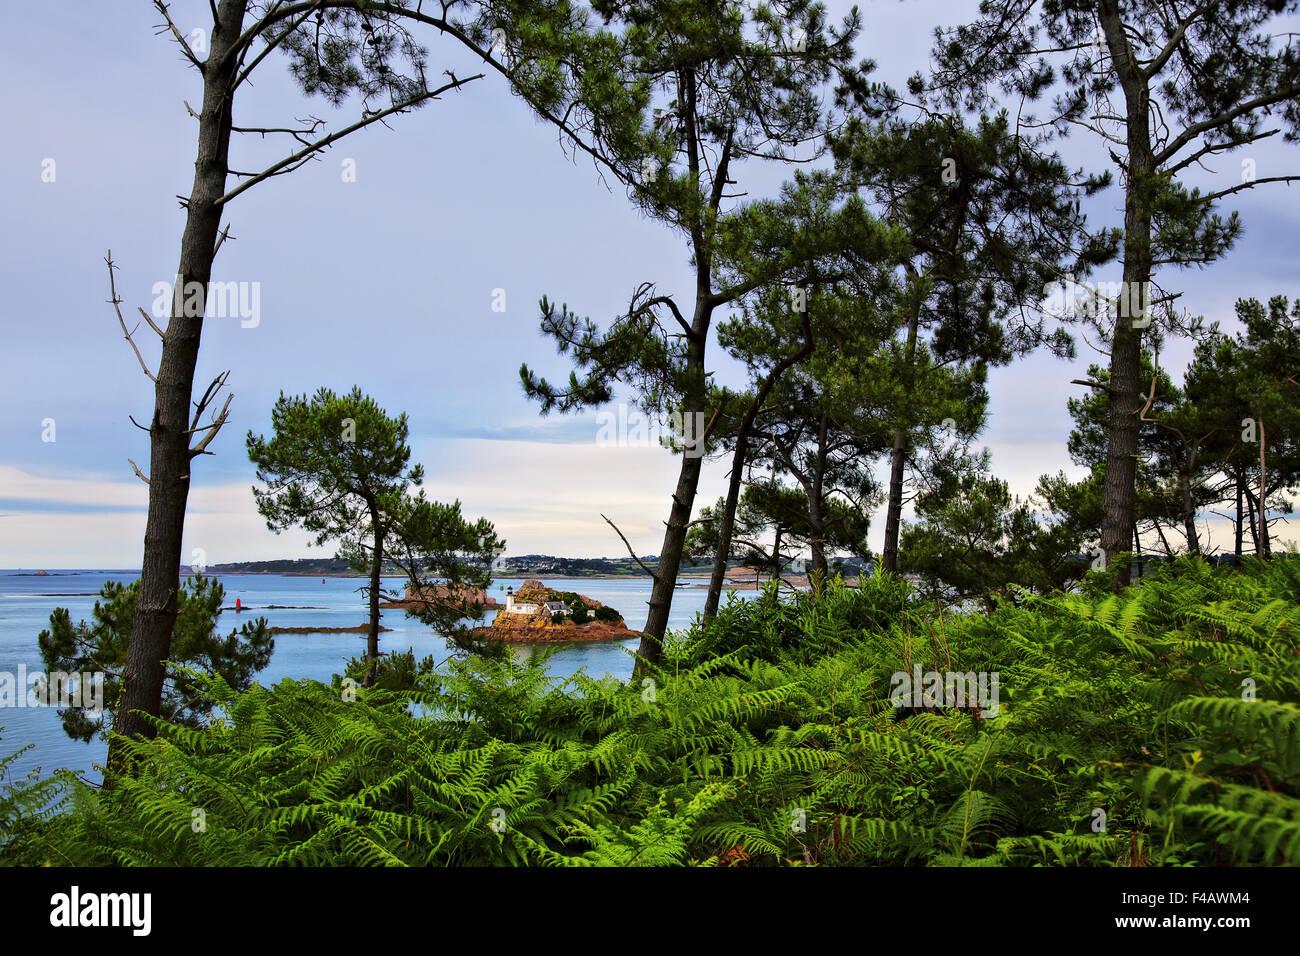 Coast near Carantec, Brittany, France Stock Photo